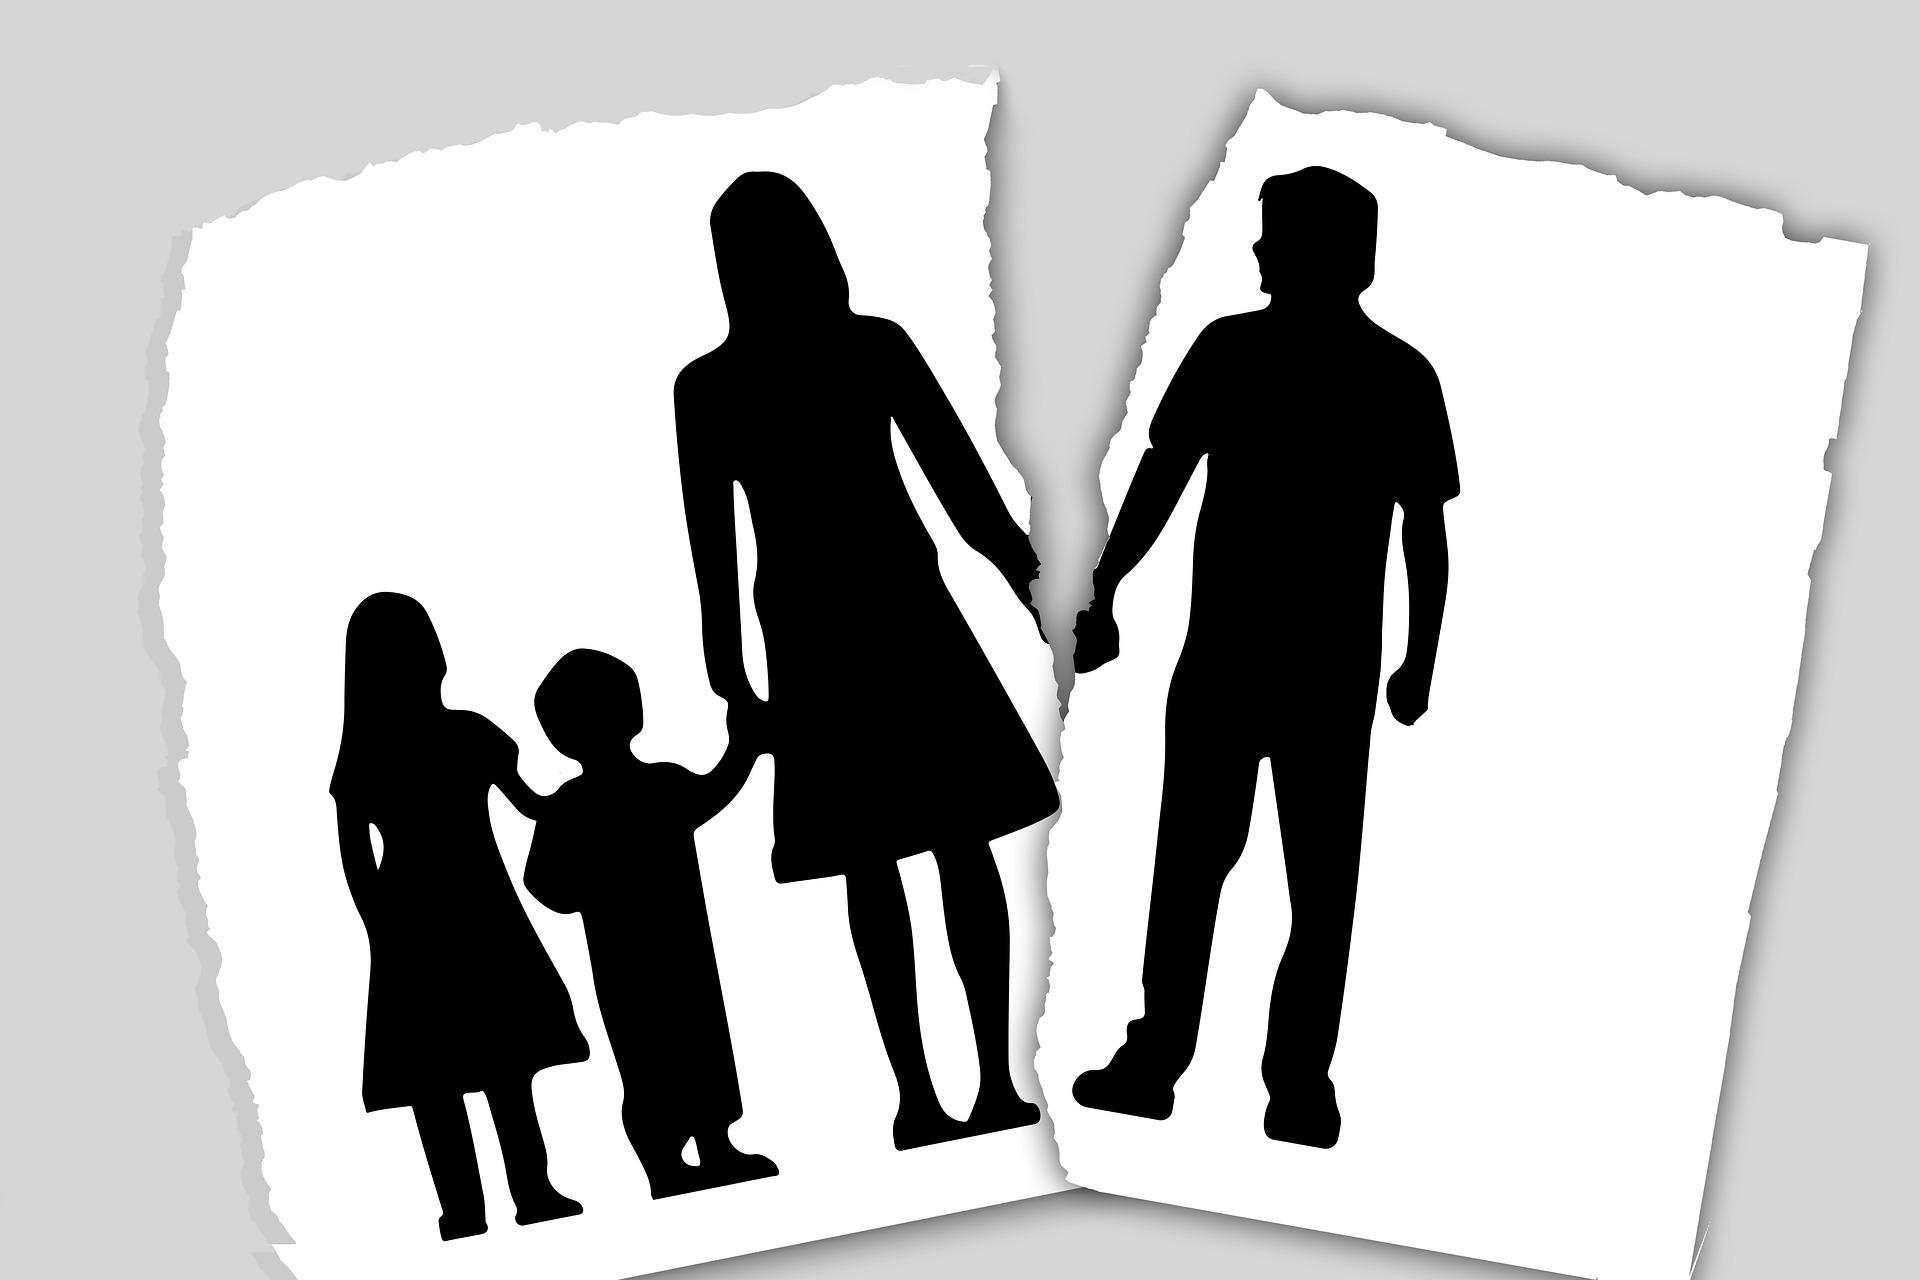 Що робити, якщо у дитини після розлучення з'явилися проблеми зі сном